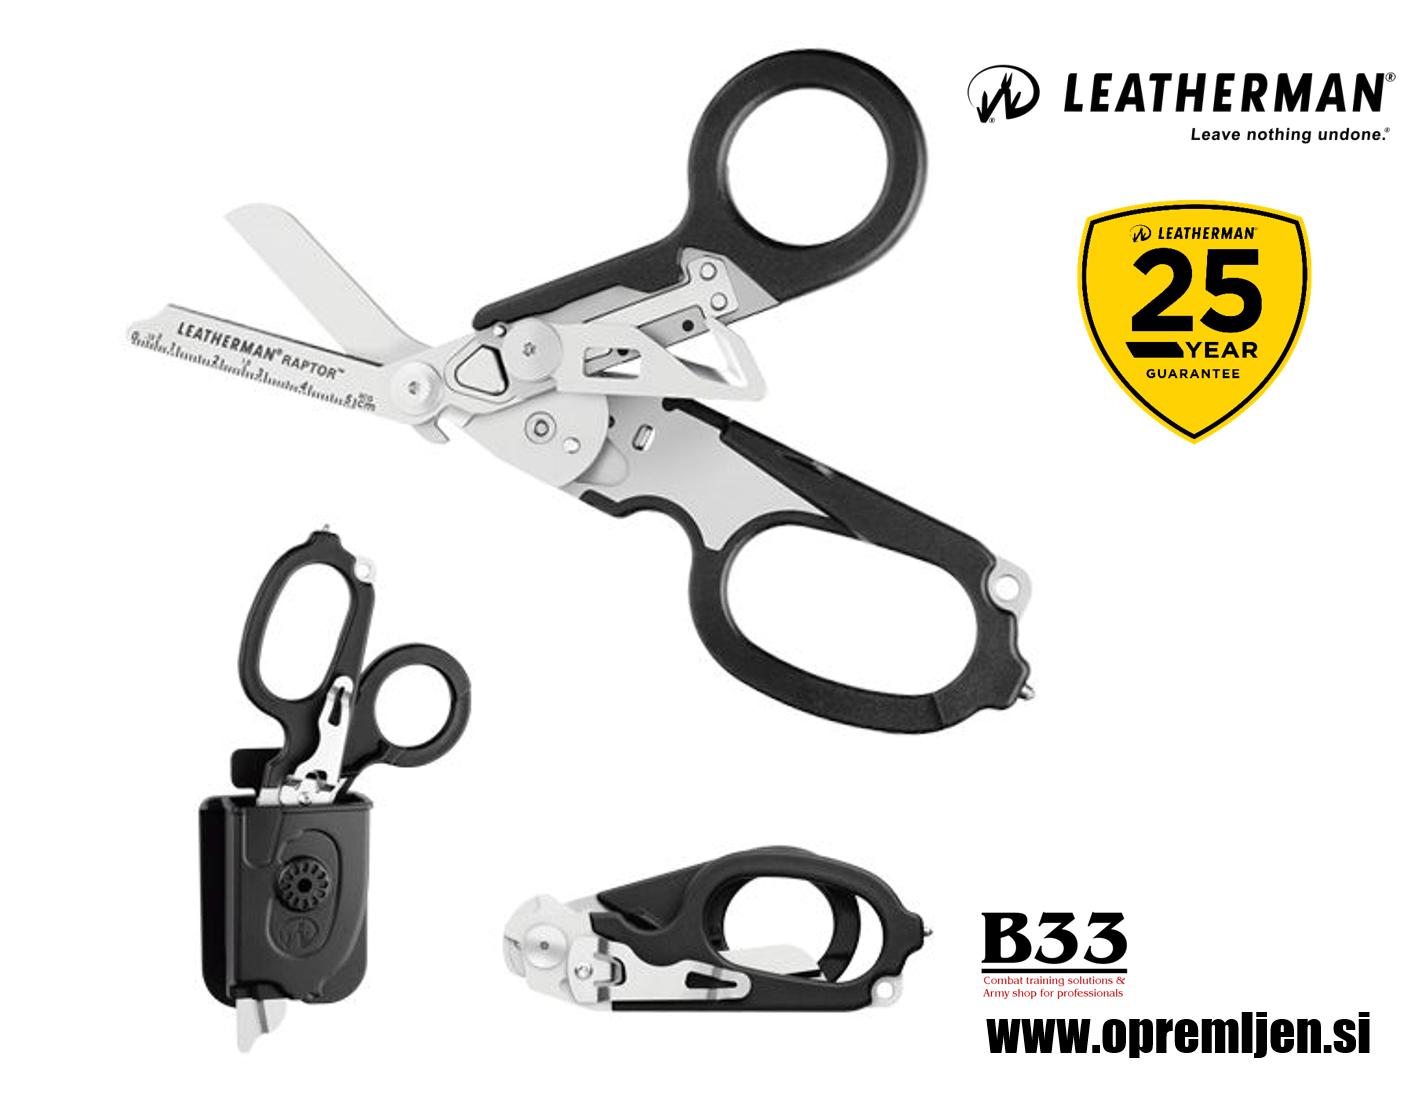 B33 army shop - Leatherman - Raptor Medicinske škarje iz nerjavečega jekla 420HC by B33 army shop at www.opremljen.si, trgovina z vojaško opremo, vojaška oprema